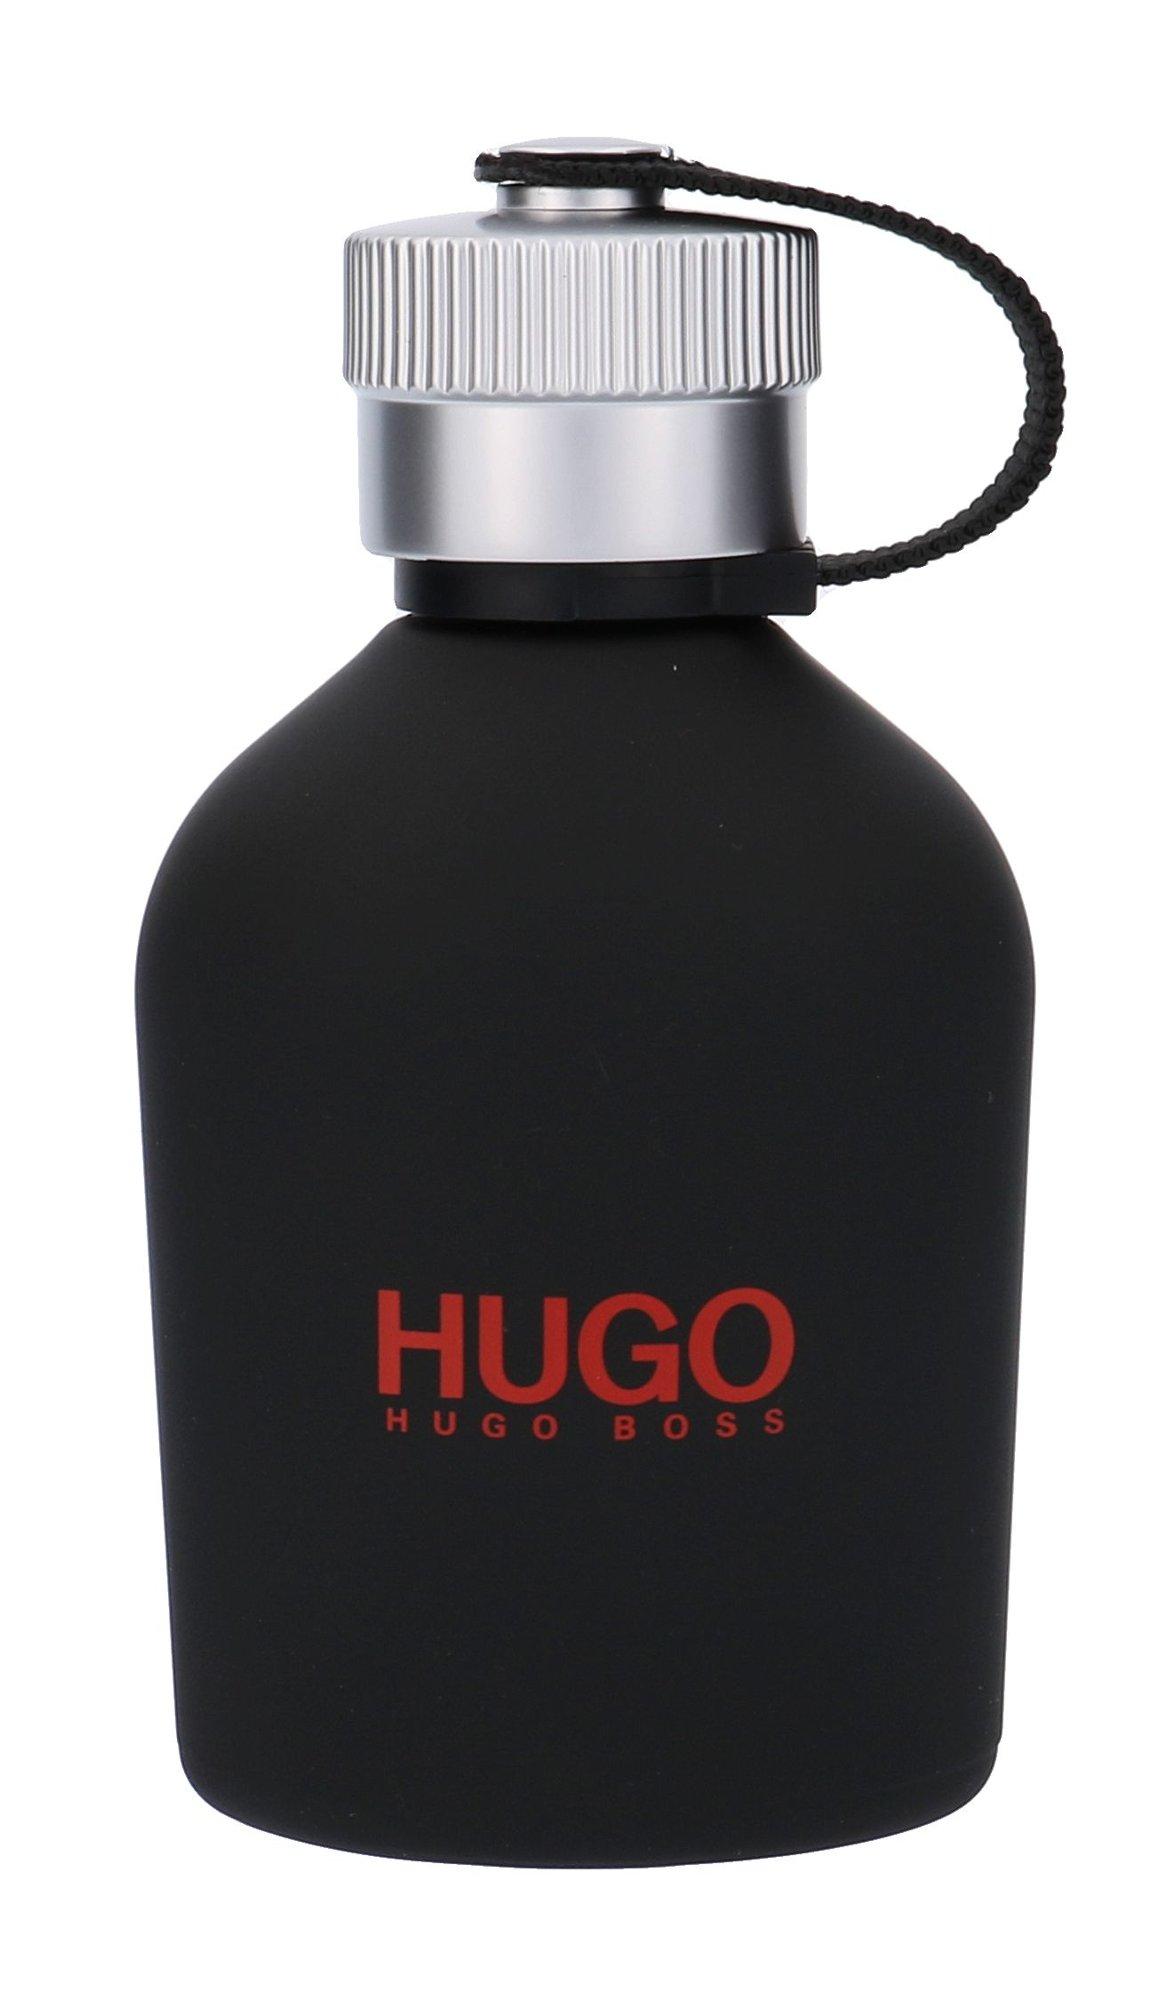 HUGO BOSS Hugo Just Different EDT 100ml